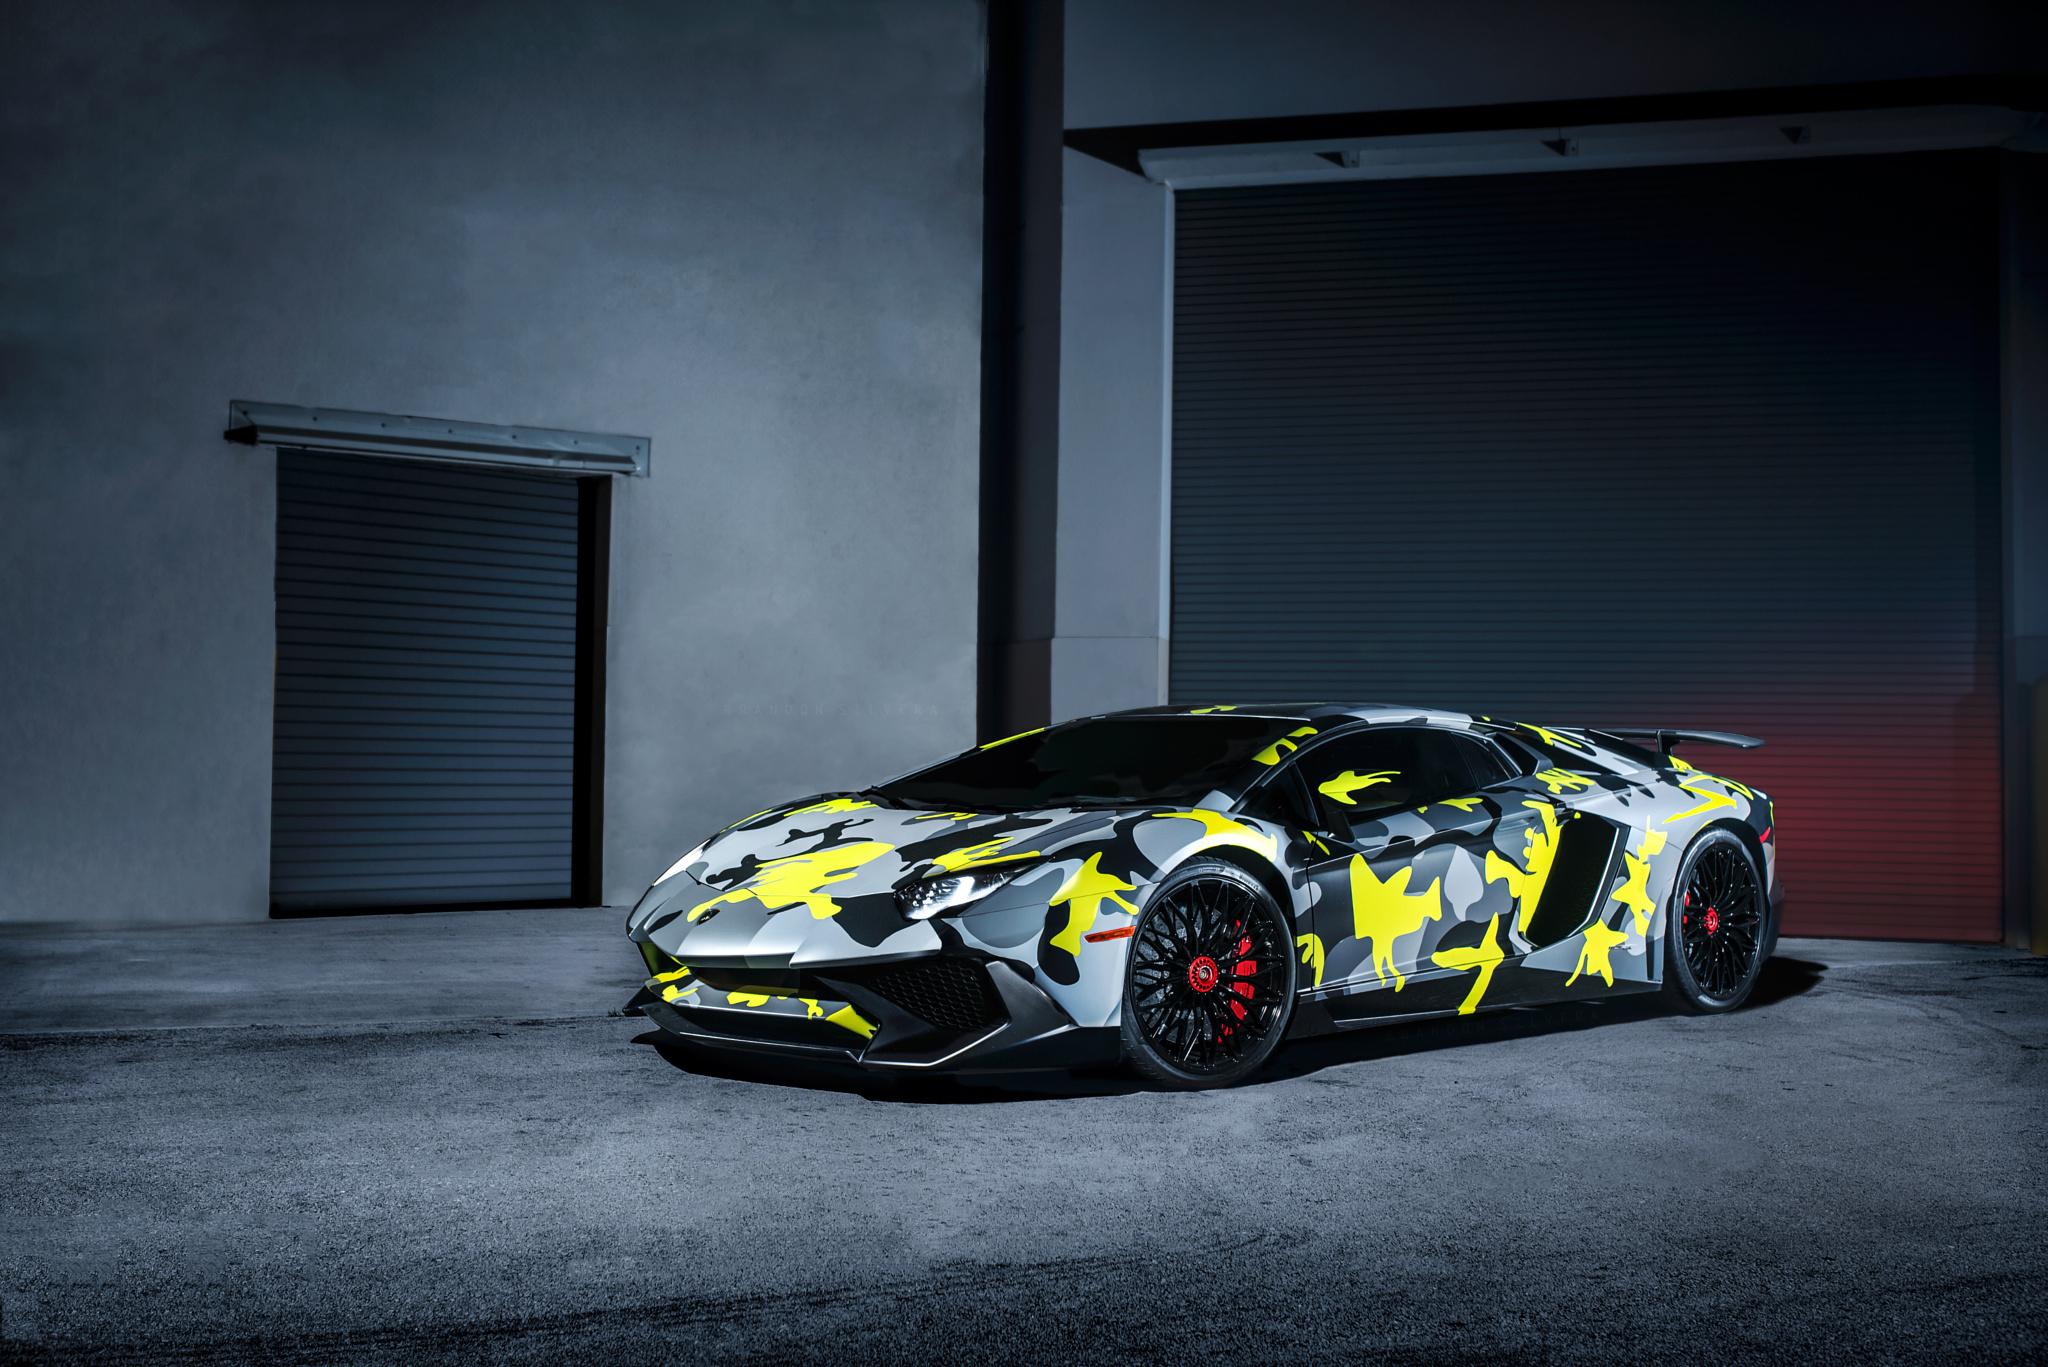 75876 Hintergrundbild herunterladen Lamborghini, Cars, Aventador, Sv, Lp-750-4 - Bildschirmschoner und Bilder kostenlos